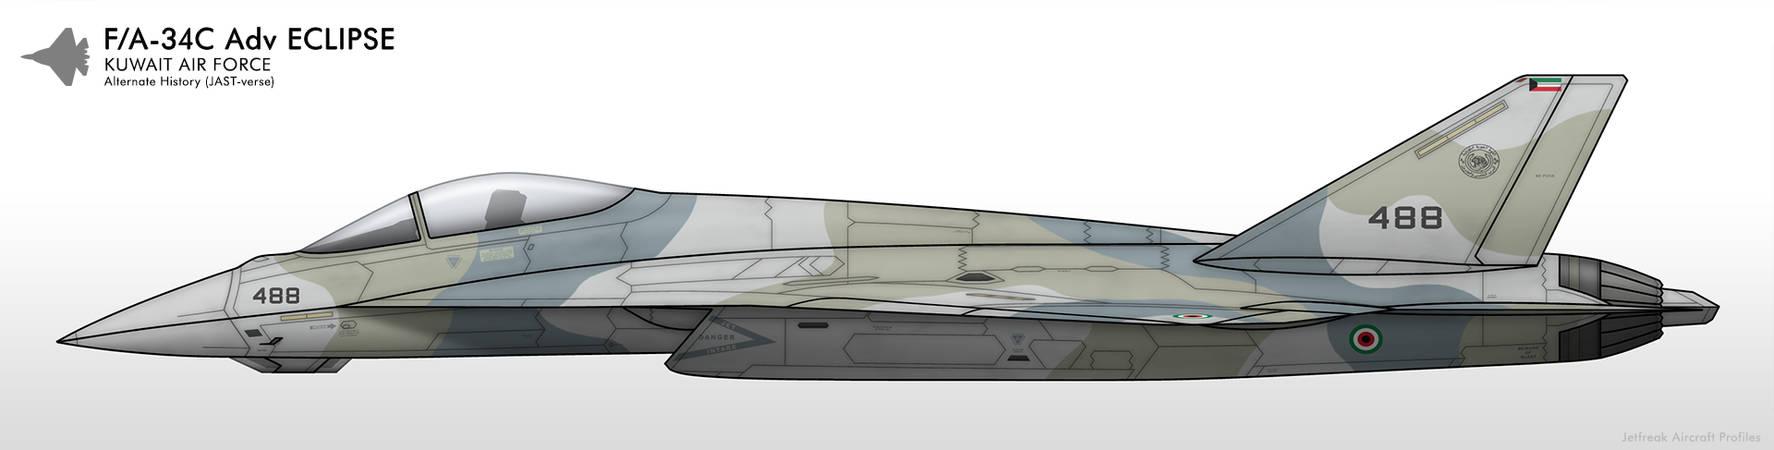 F/A-34C - Kuwait Air Force